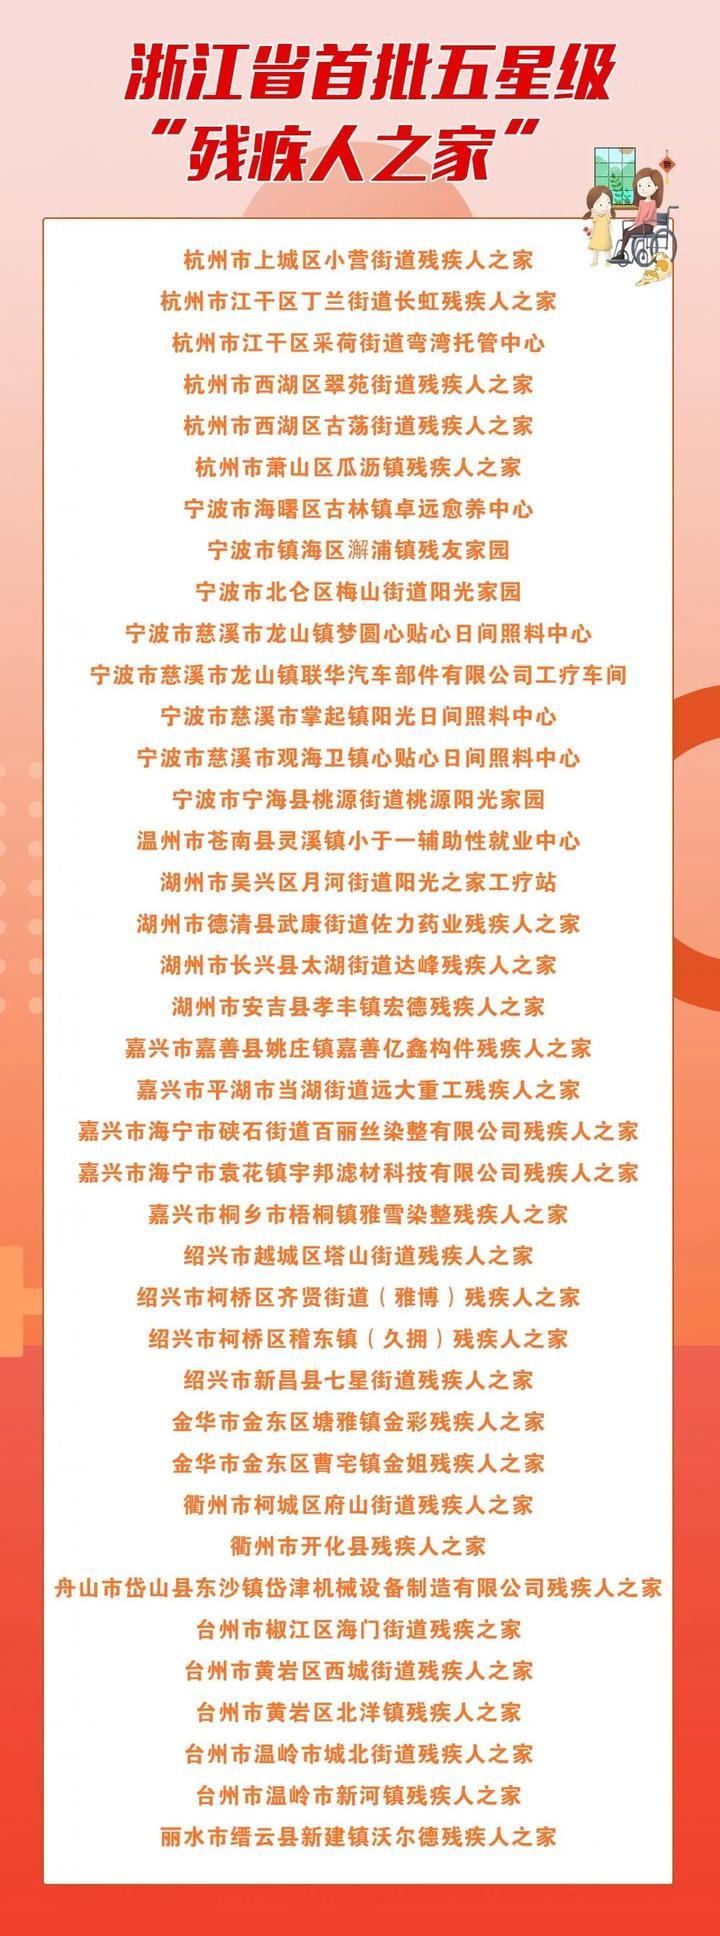 【浙江榜单】2020年浙江省第一批五星级残疾人之家名单(39家)